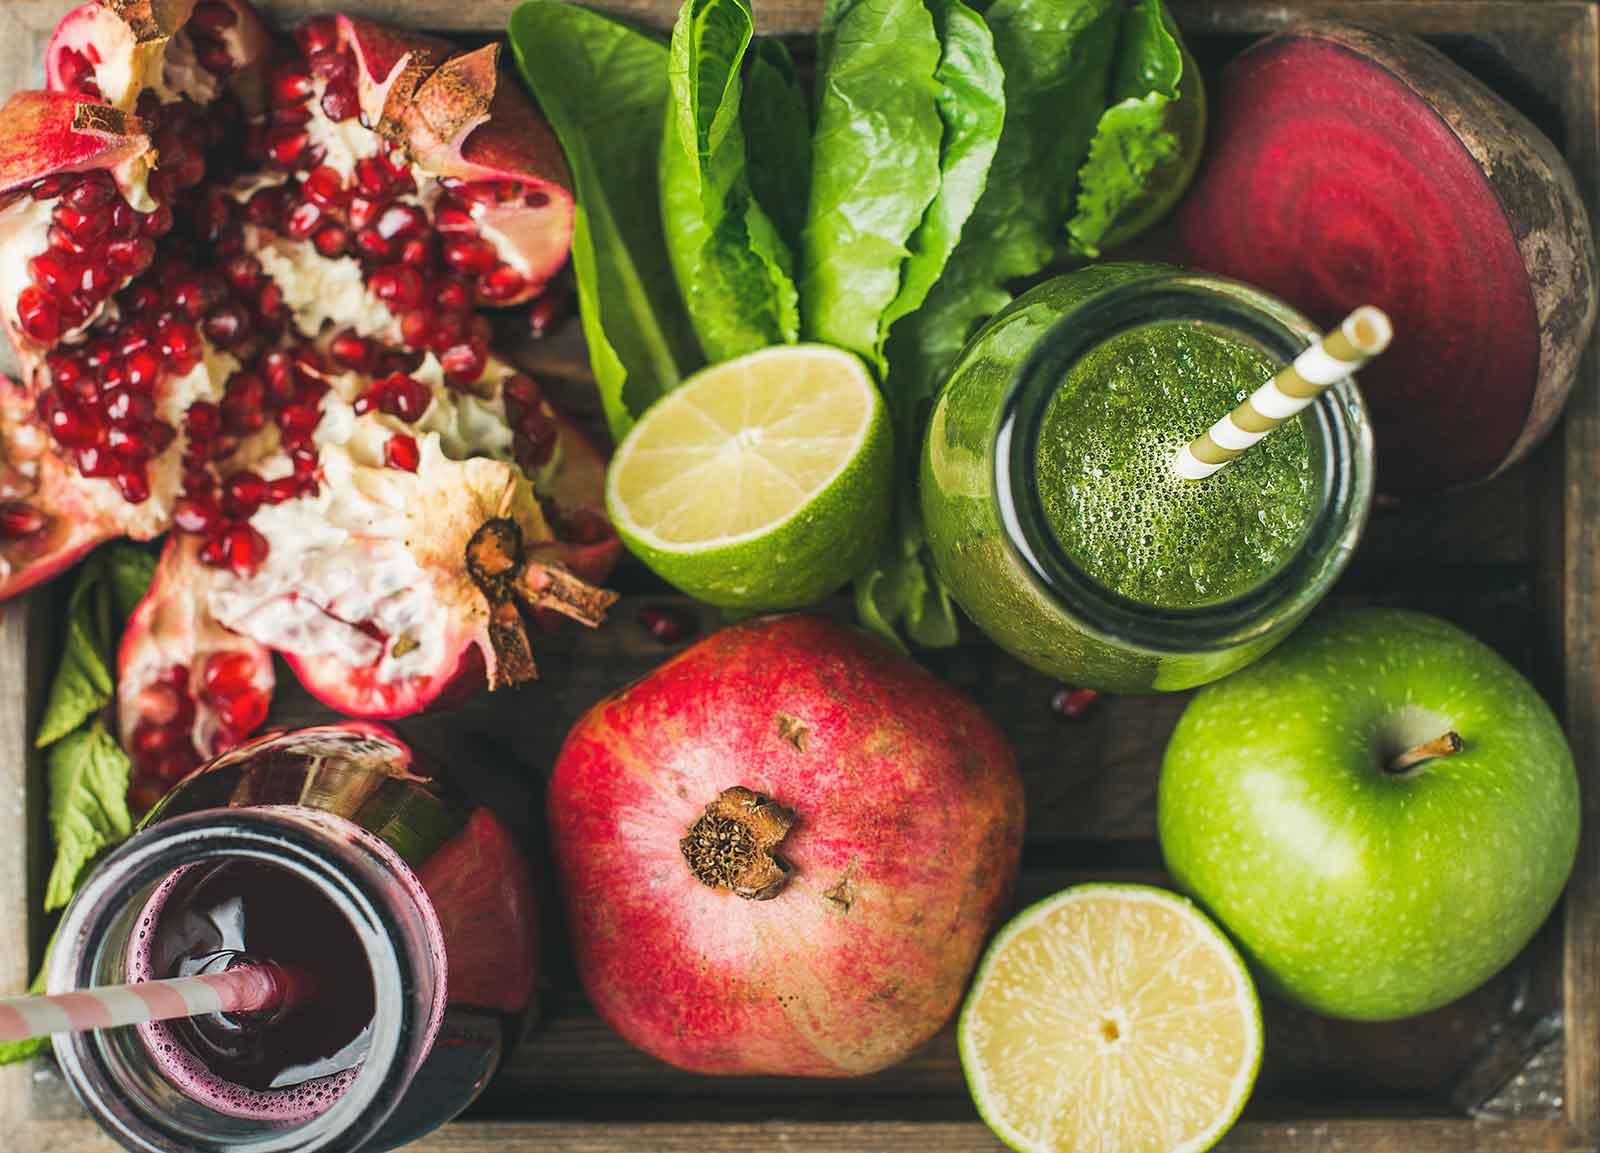 Kalimoni Greens | Certified Organic Vegetables, Fruits